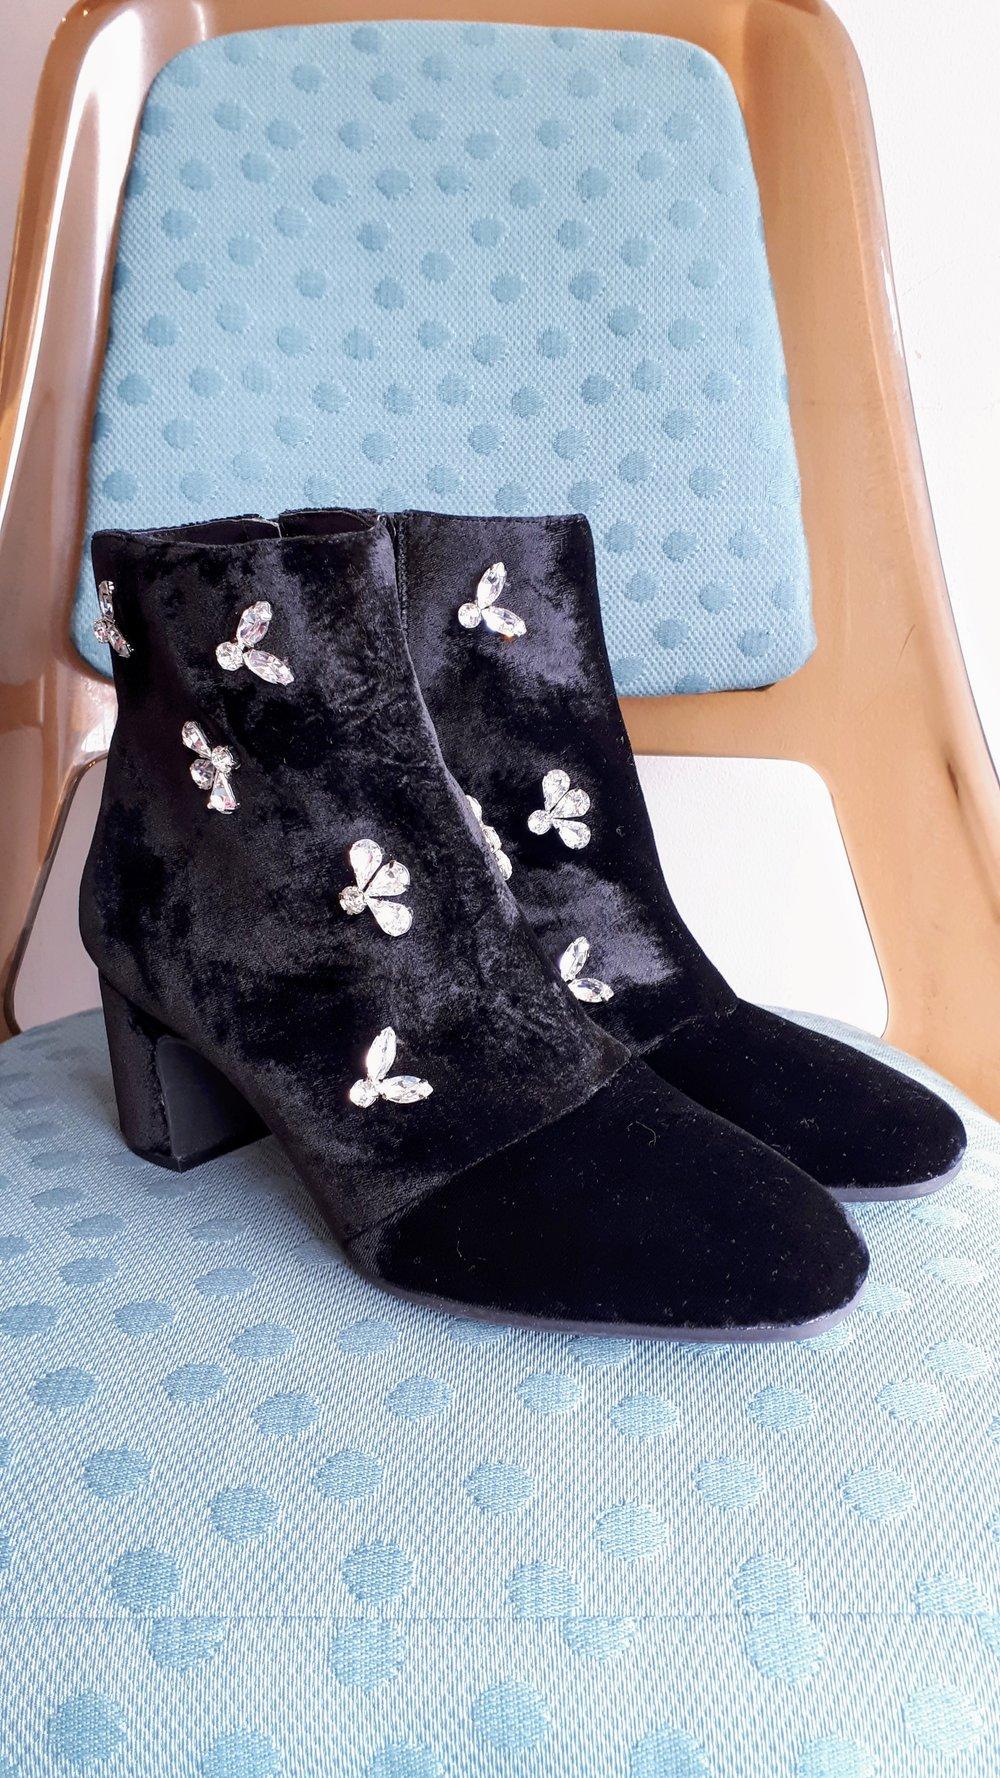 Anne Klein boots; Size 8, $75